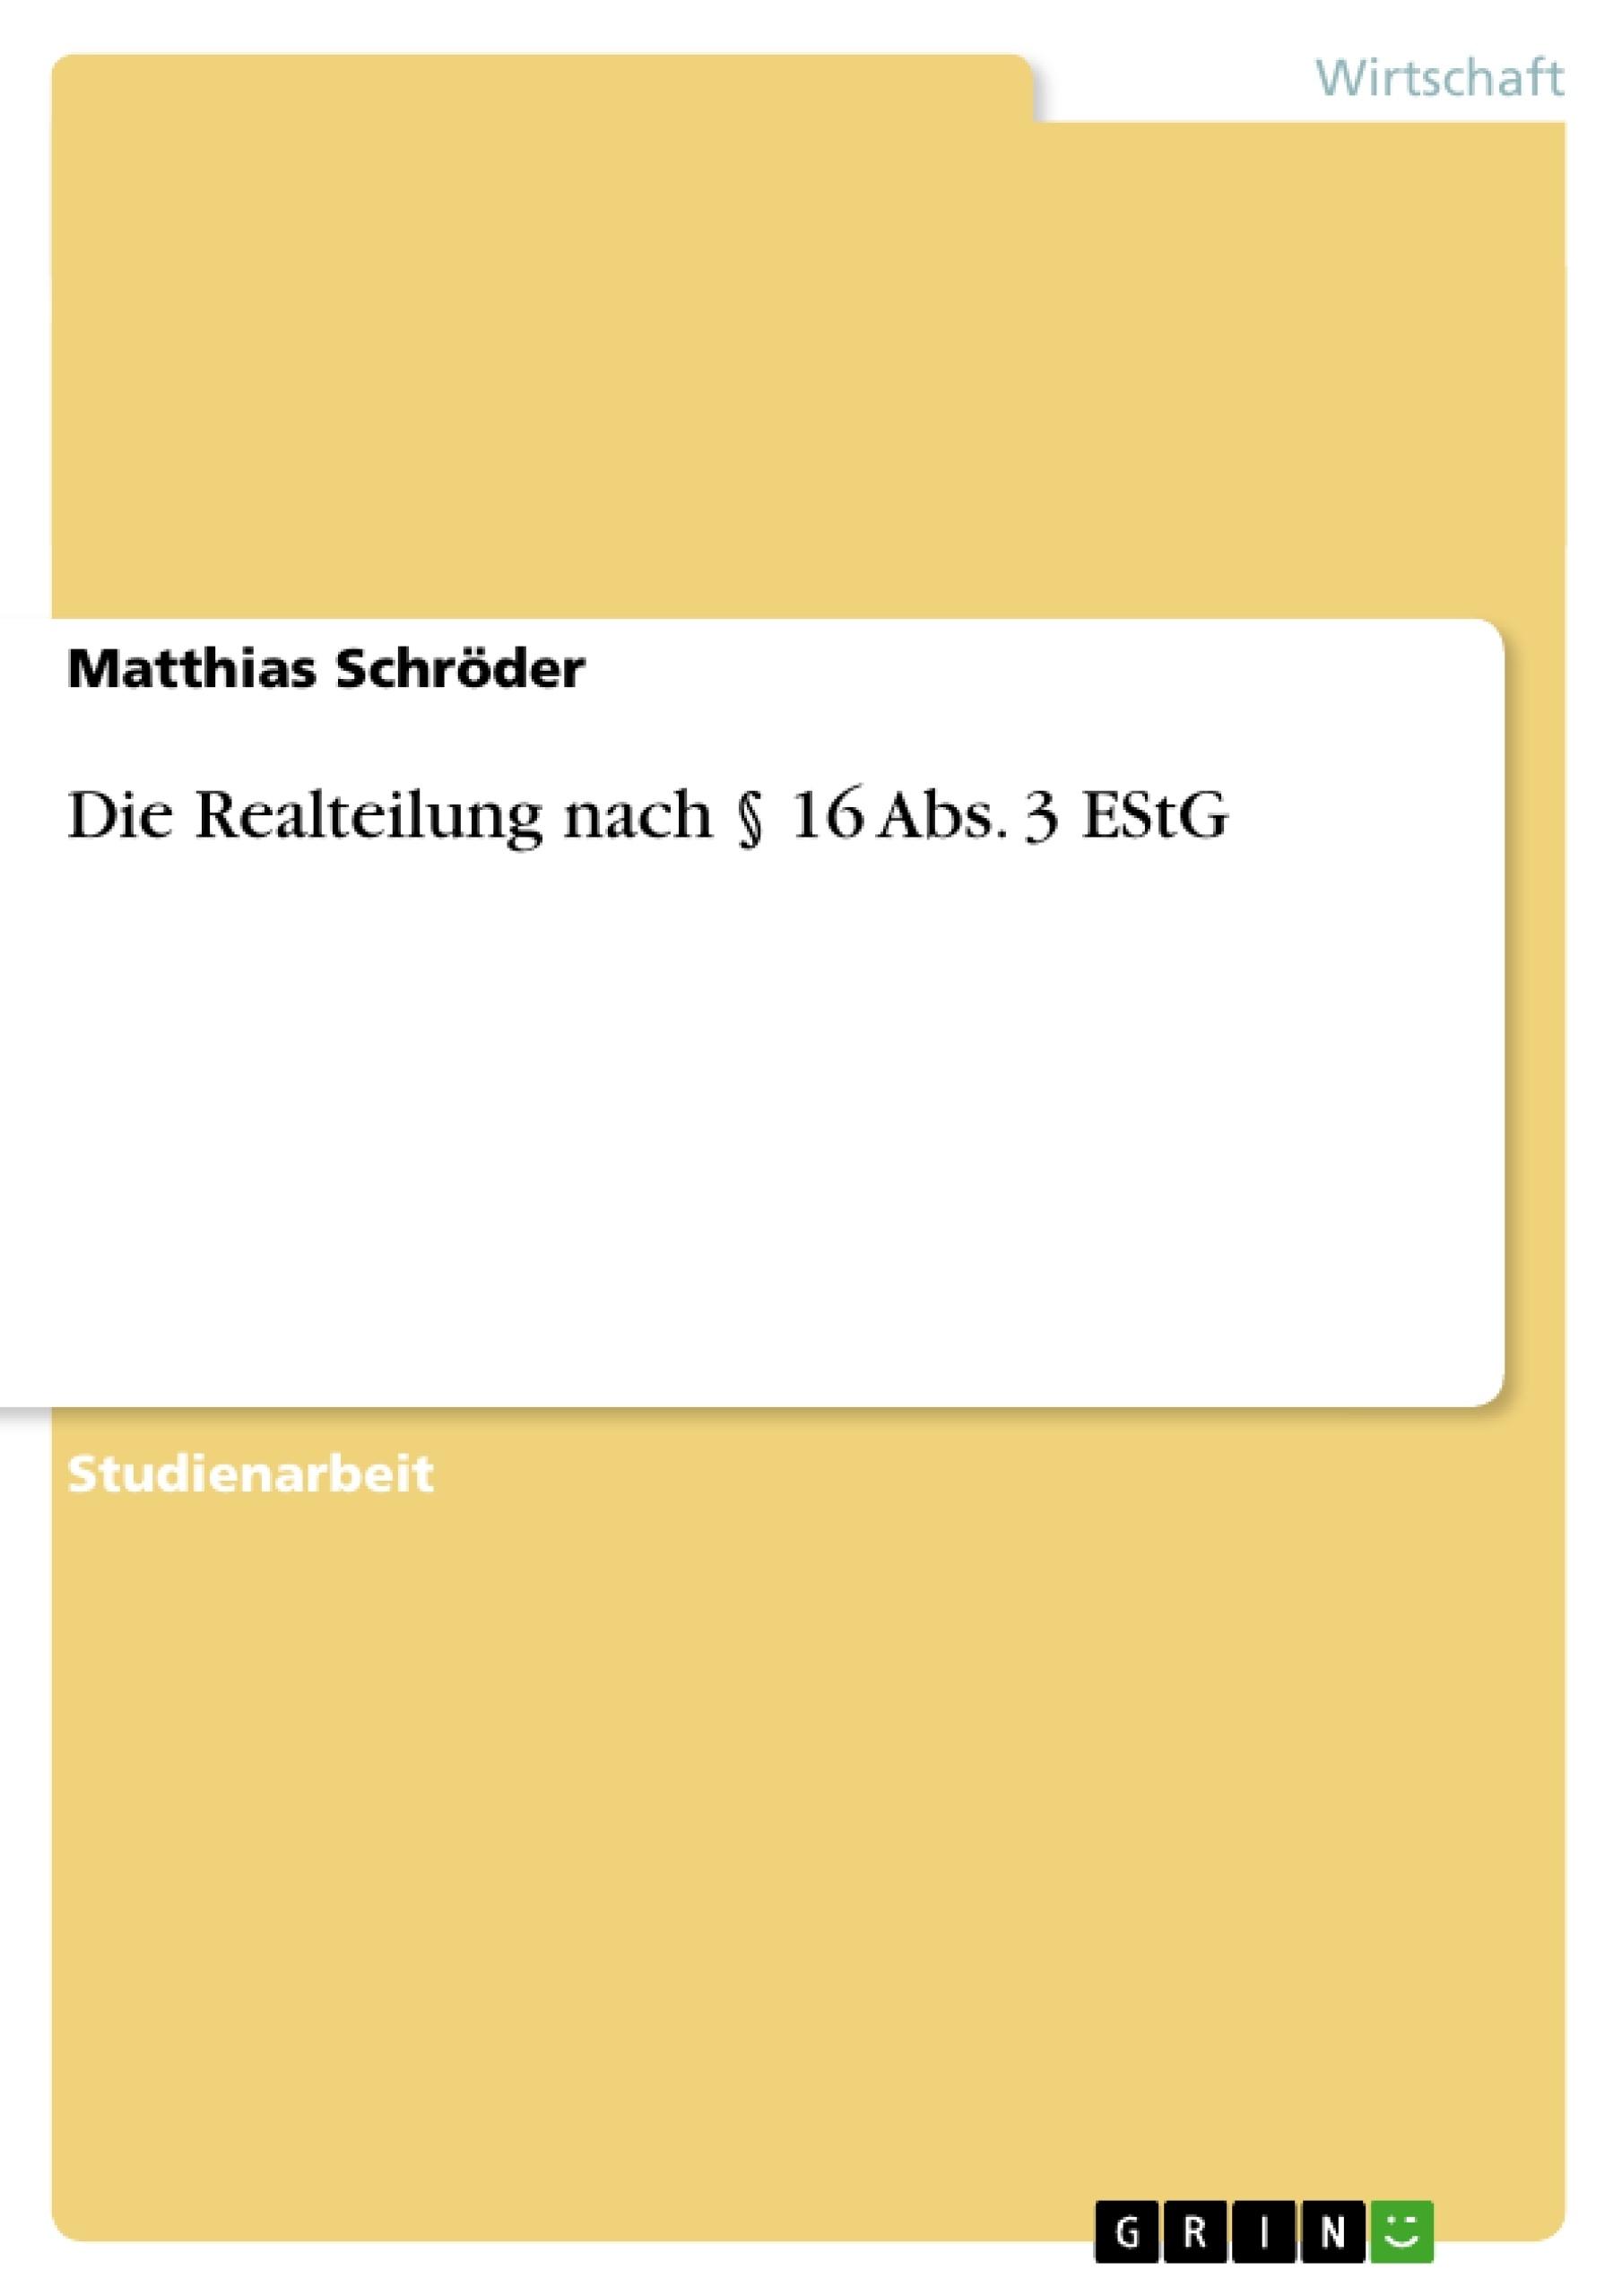 Titel: Die Realteilung nach § 16 Abs. 3 EStG